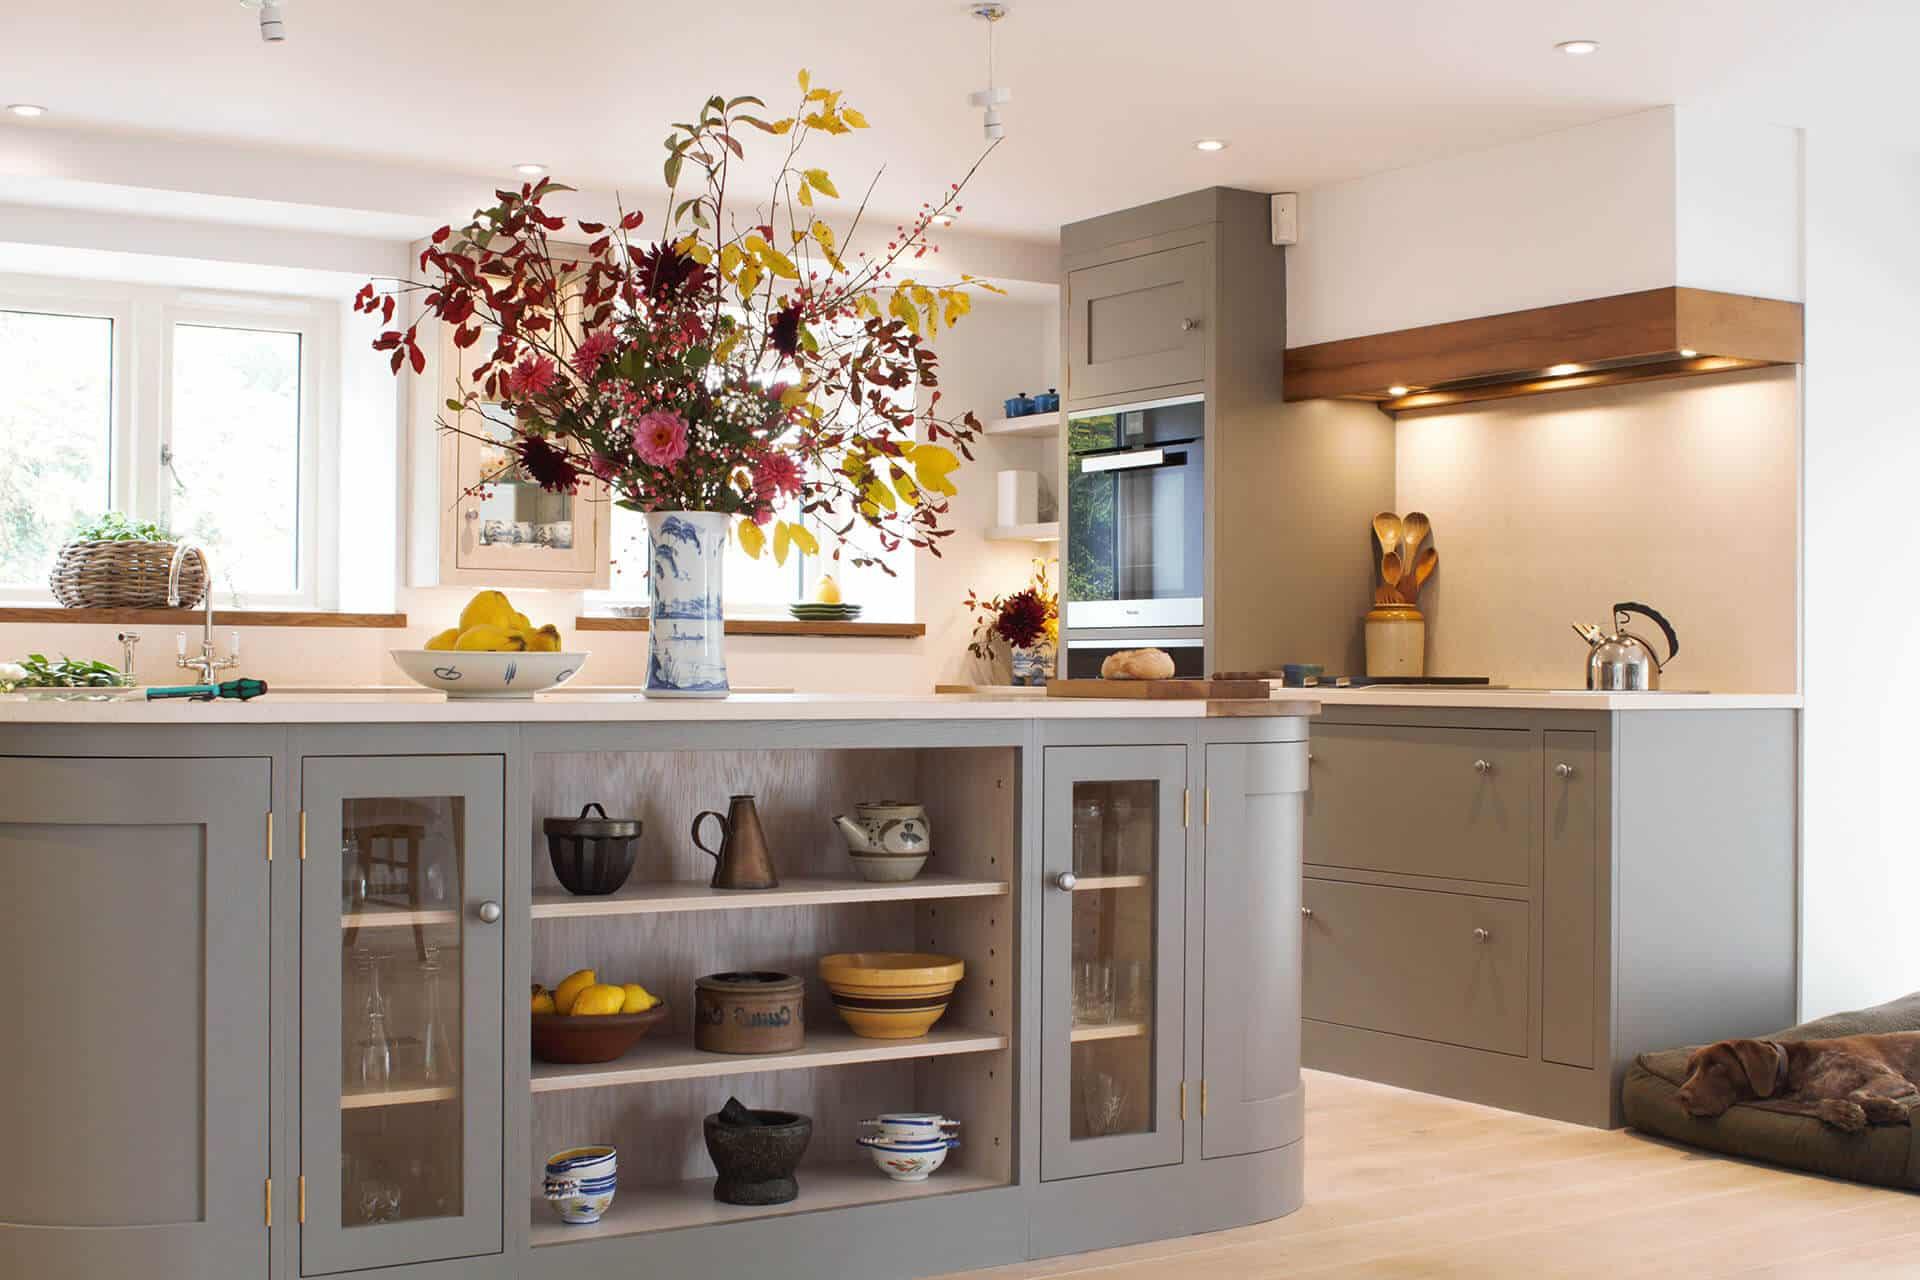 Красивая открытая планировка сарая с большим кухонным островом и застекленными витринами